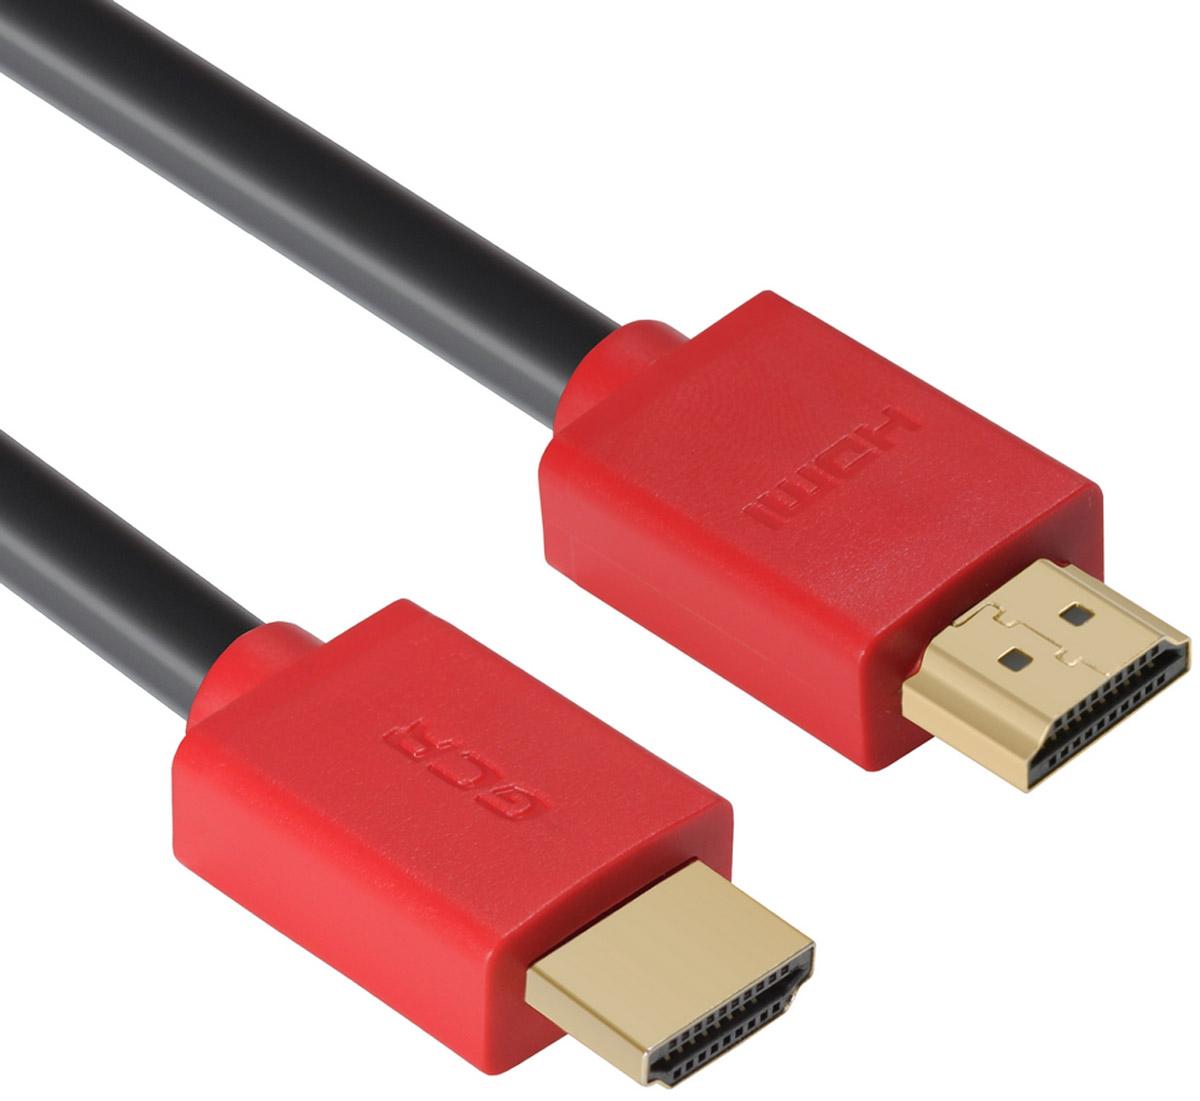 Greenconnect Russia GCR-HM451, Black Red кабель HDMI v 2.0 (1,5 м)GCR-HM451-1.5mКабель HDMI v 2.0 Greenconnect Russia GCR-HM451 - отличное решение для подключения компьютера, игровых консолей, DVD и Blu-ray плееров, аудио-ресиверов к телевизору или дополнительному монитору. Кабель HDMI поддерживает как стандартные, так и высокие разрешения самых современных моделей телевизоров.Кабель оснащен двунаправленным каналом для передачи сетевых данных, который подходит для использования IP-приложениями. Канал Ethernet позволяет нескольким устройствам работать в сети Ethernet без необходимости подключения дополнительных проводов, а также напрямую обмениваться контентом. Наличие обратного канала аудио устраняет необходимость в отдельном проводе для передачи звука в ресивер с телевизора или другого устройства, которое является одновременно источником аудио и видео.